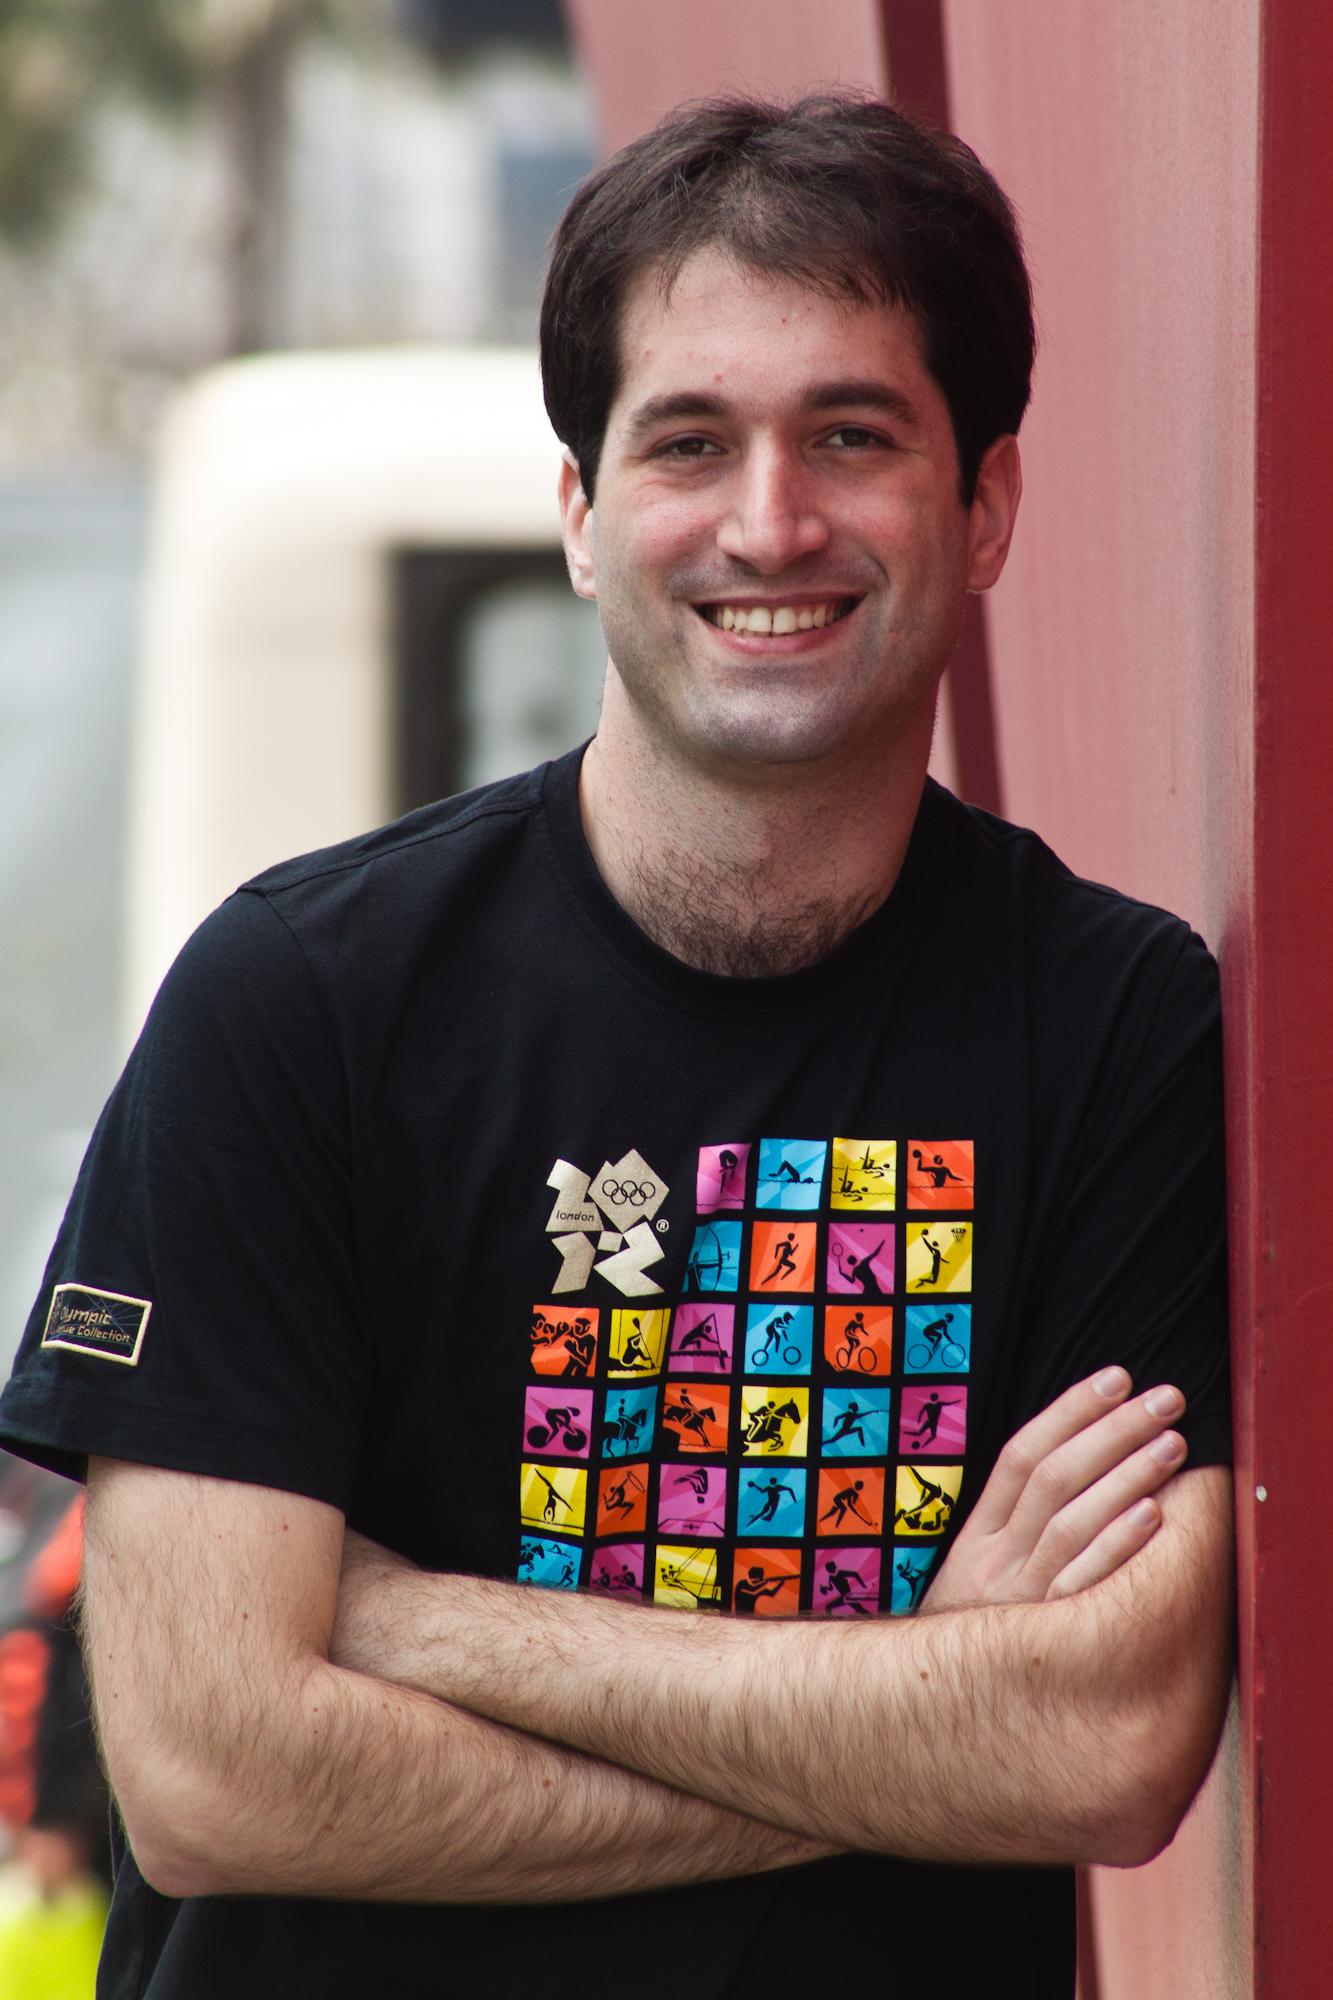 Michael Barclay Ingeniero. Es CEO de LEAP Game Studios y co-fundador en Bit Bit. Es miembro de los Global Shapers del World Economic Forum. Le gusta escuchar podcasts y leer artículos de todos los temas. Vive en Lima.